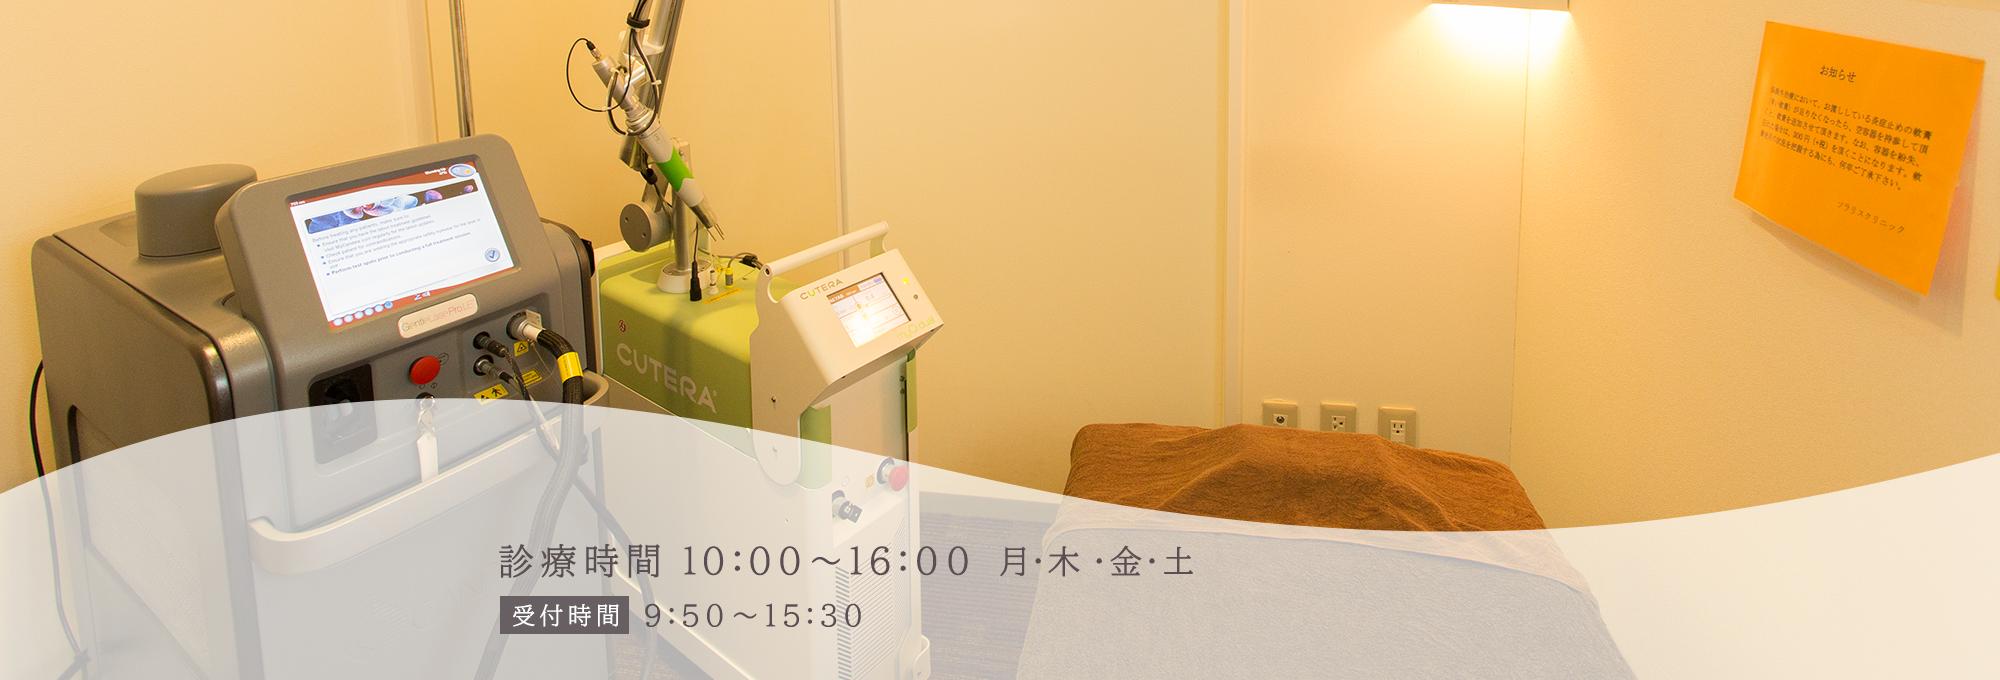 診療時間 10:00~16:00<月・木・金・土>  (受付時間 9:50~15:30)